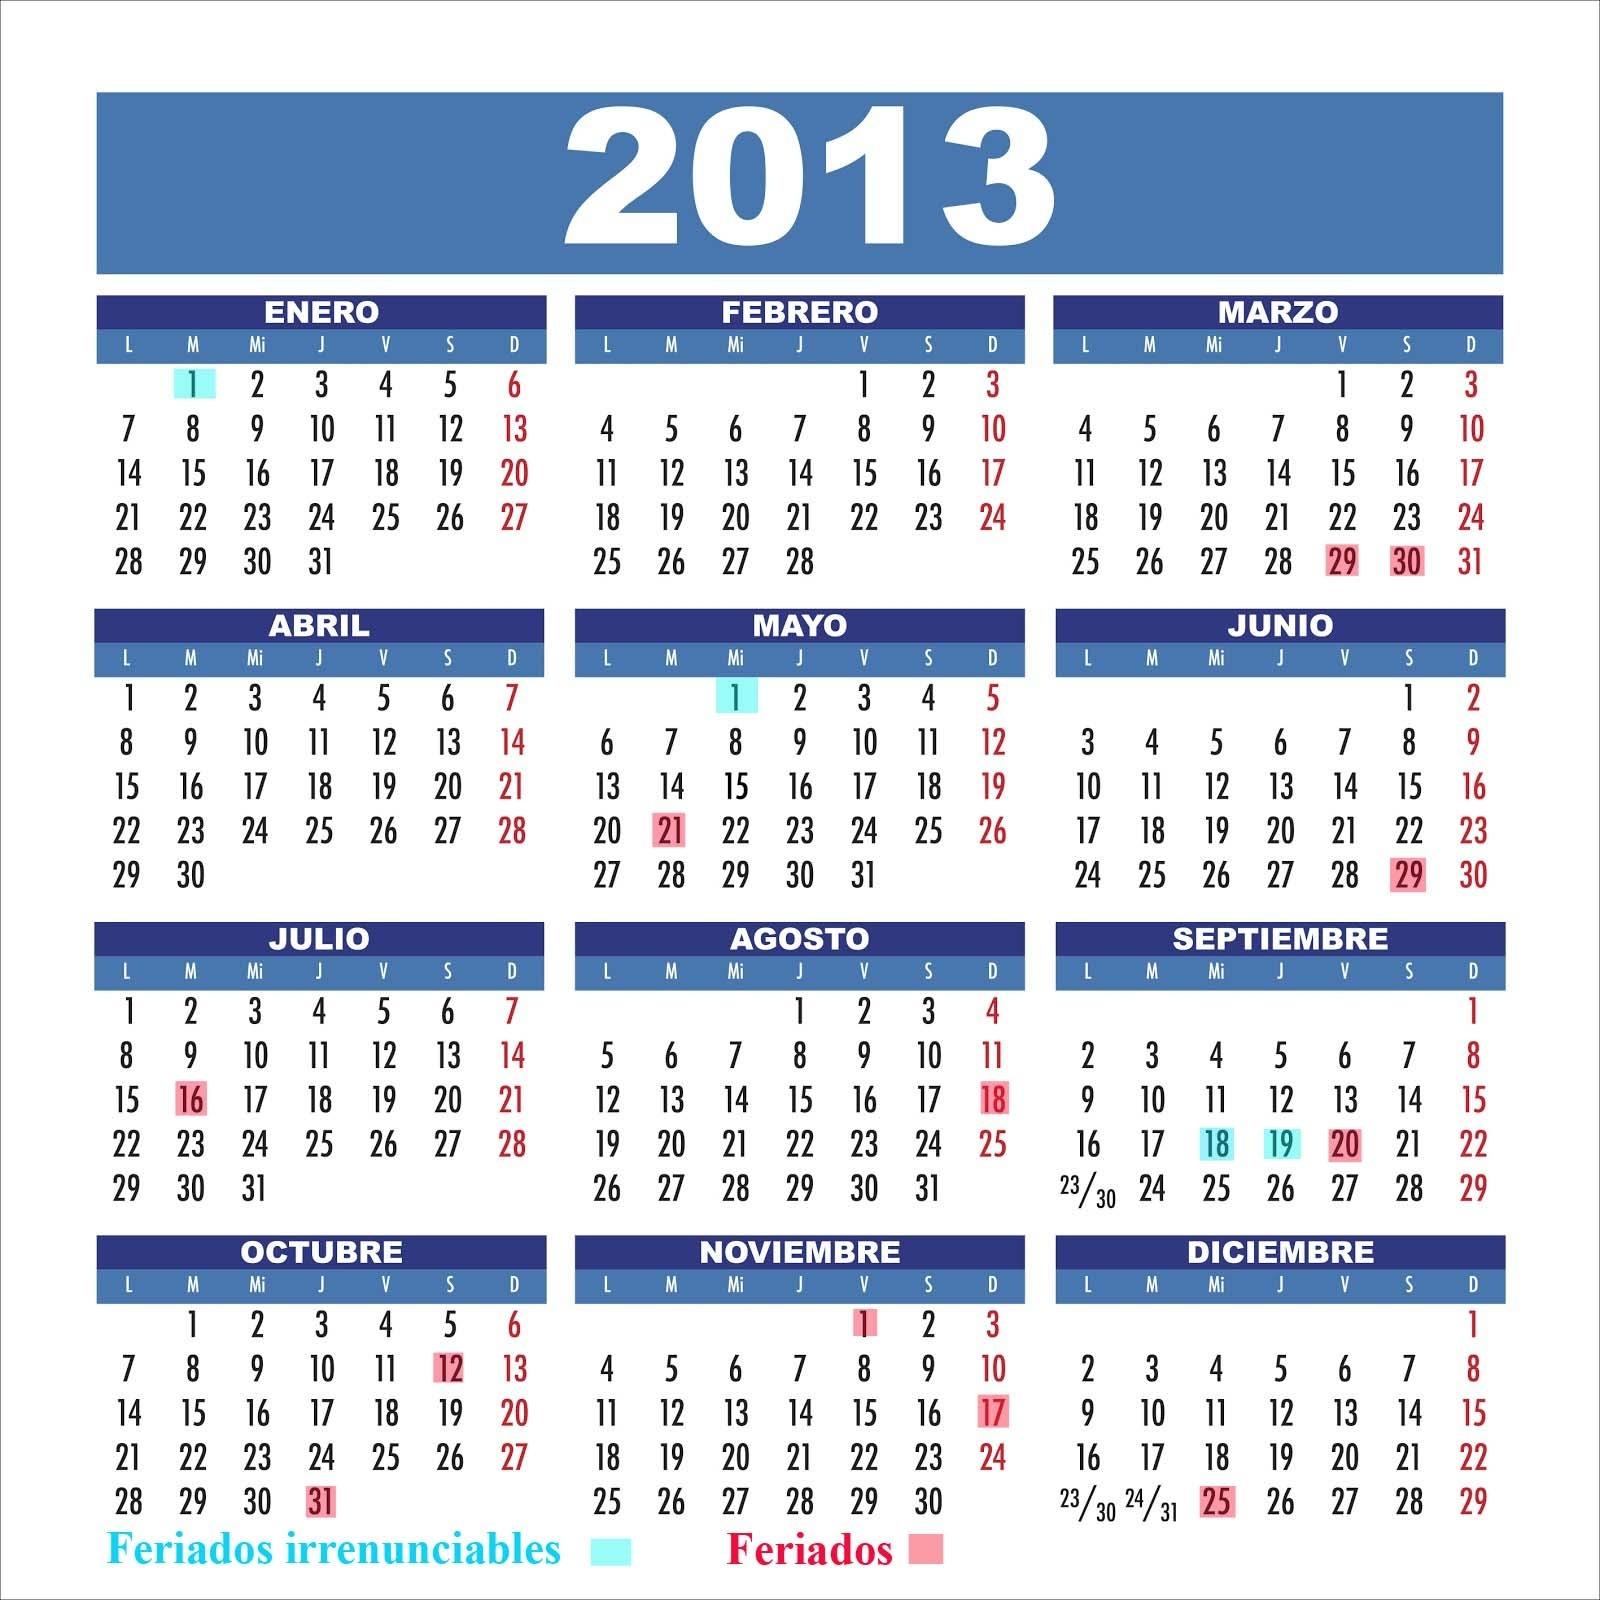 Todos Los Feriados 2014 - Semana Santa 2014: Calendario 2013 Chile  Calendarios 17 Feriados En Chile